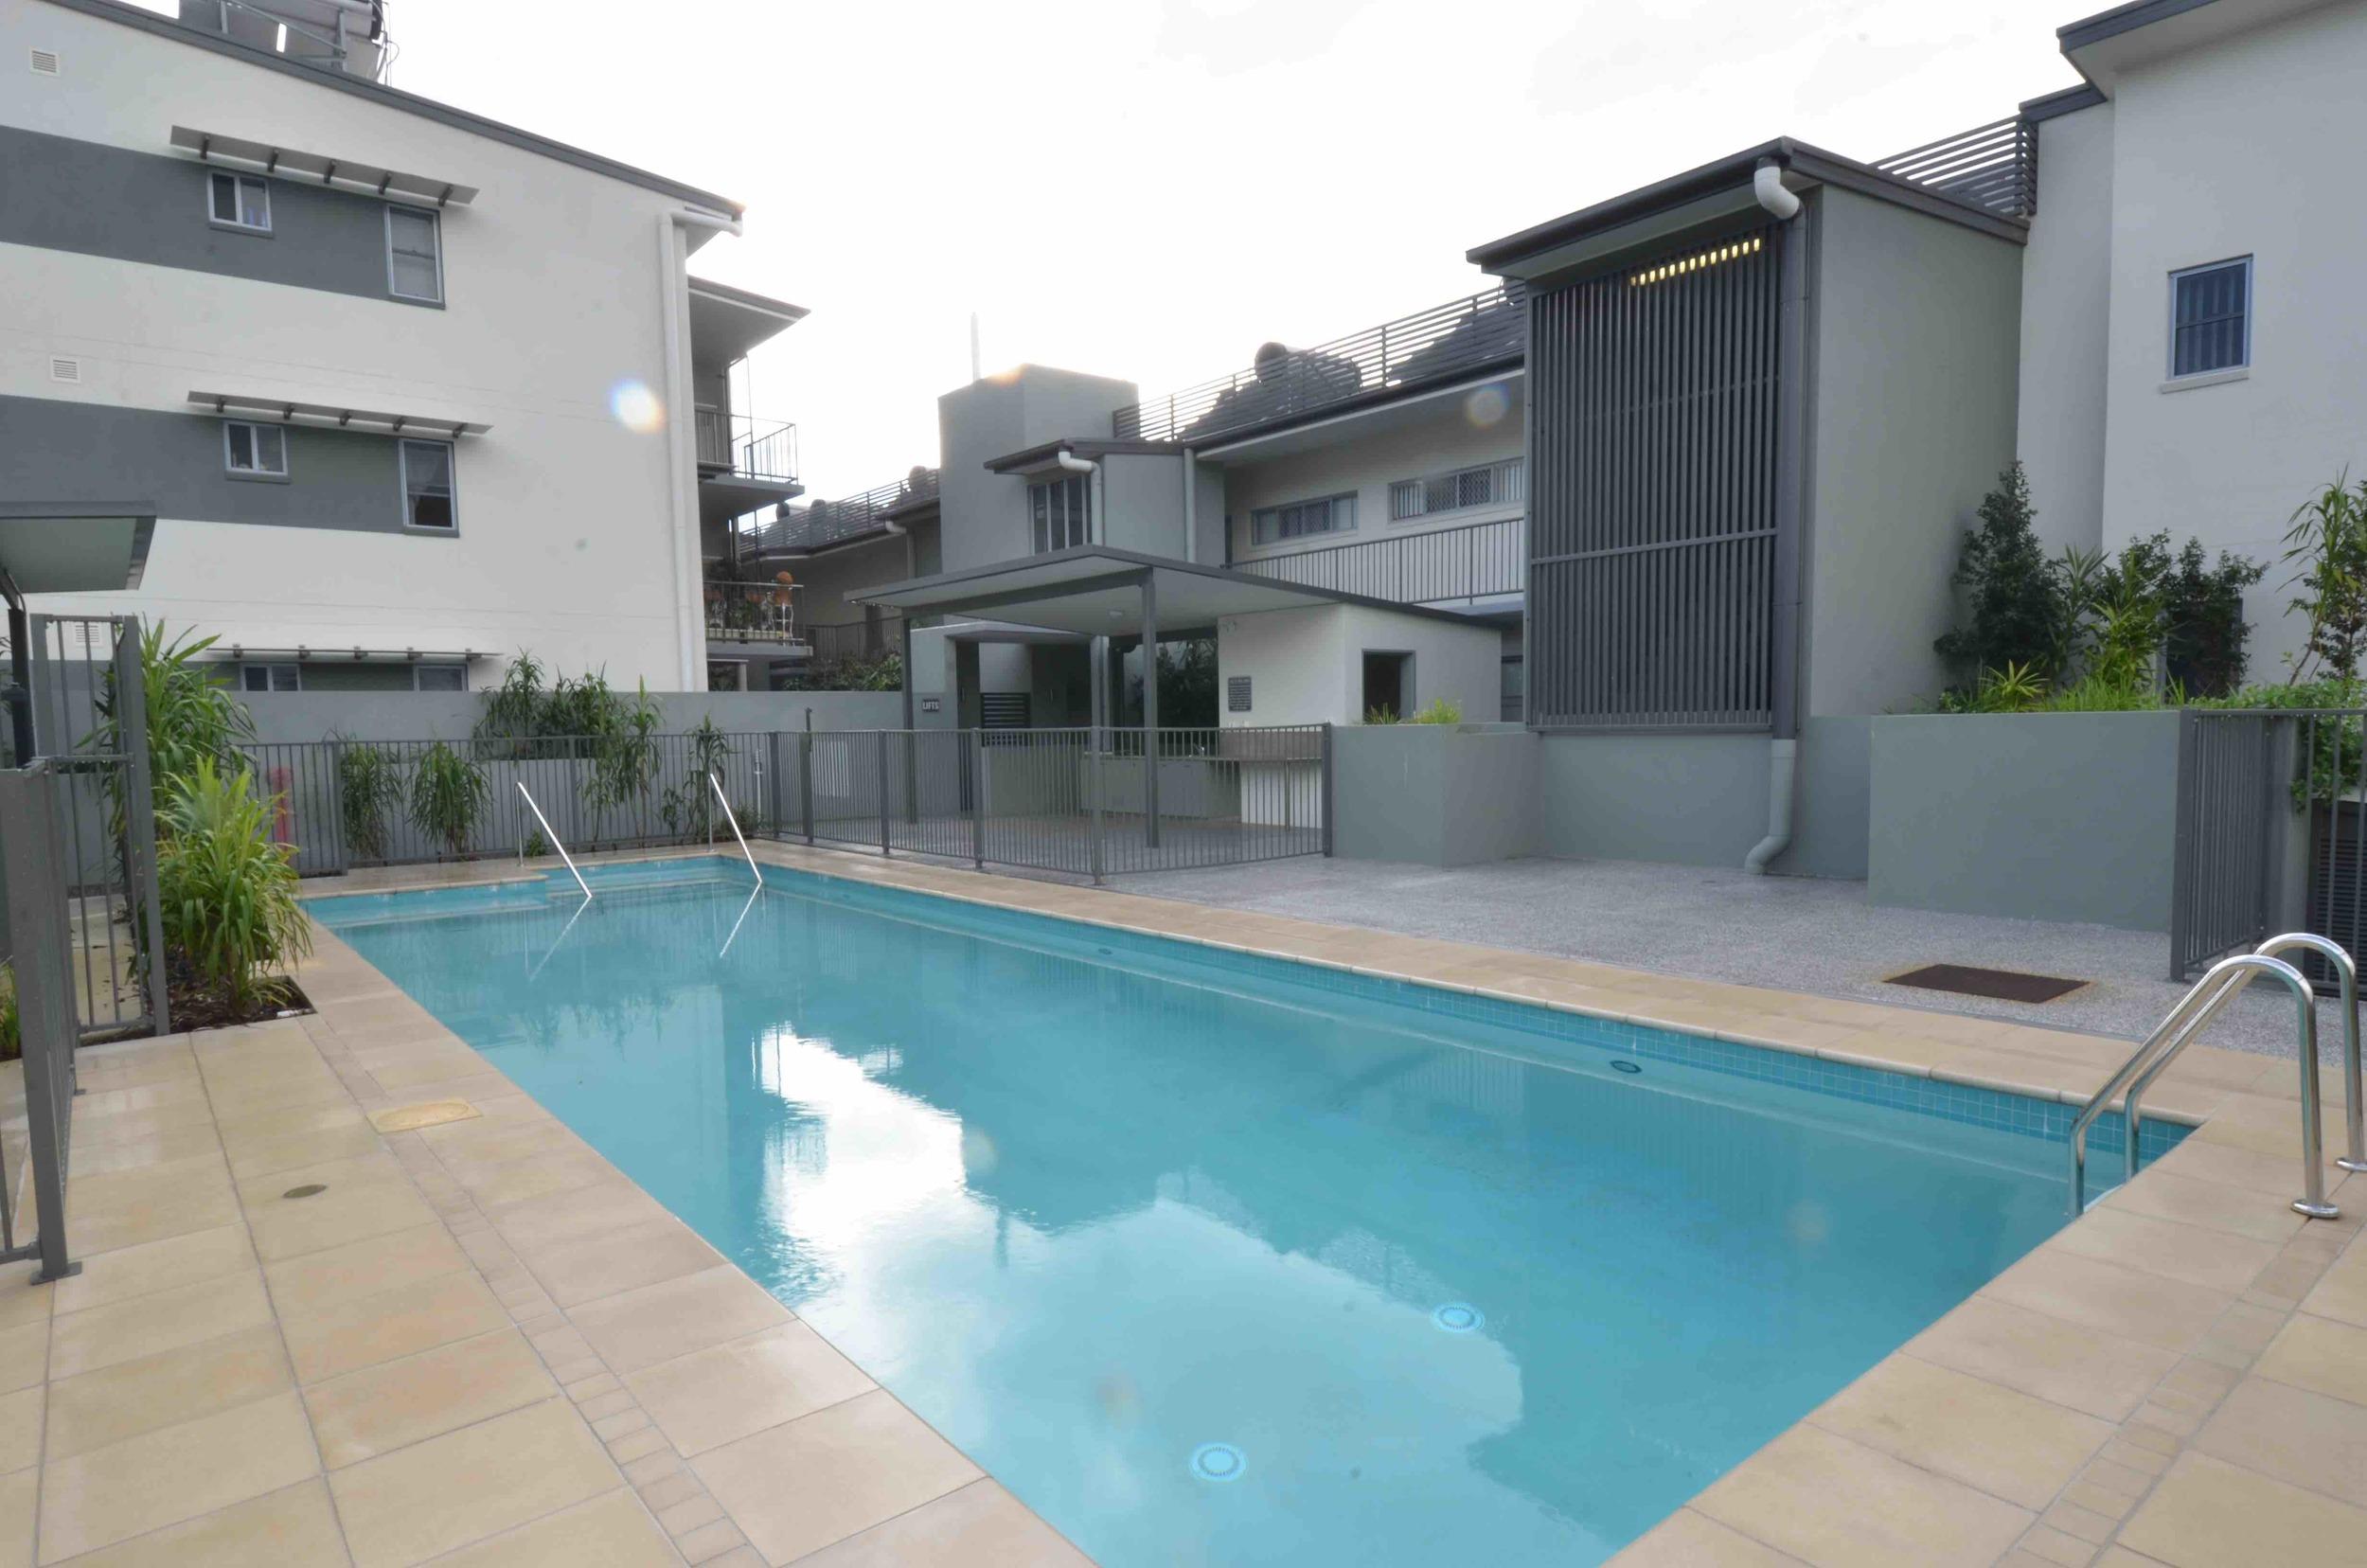 Sundale-affordable-housing2.jpg